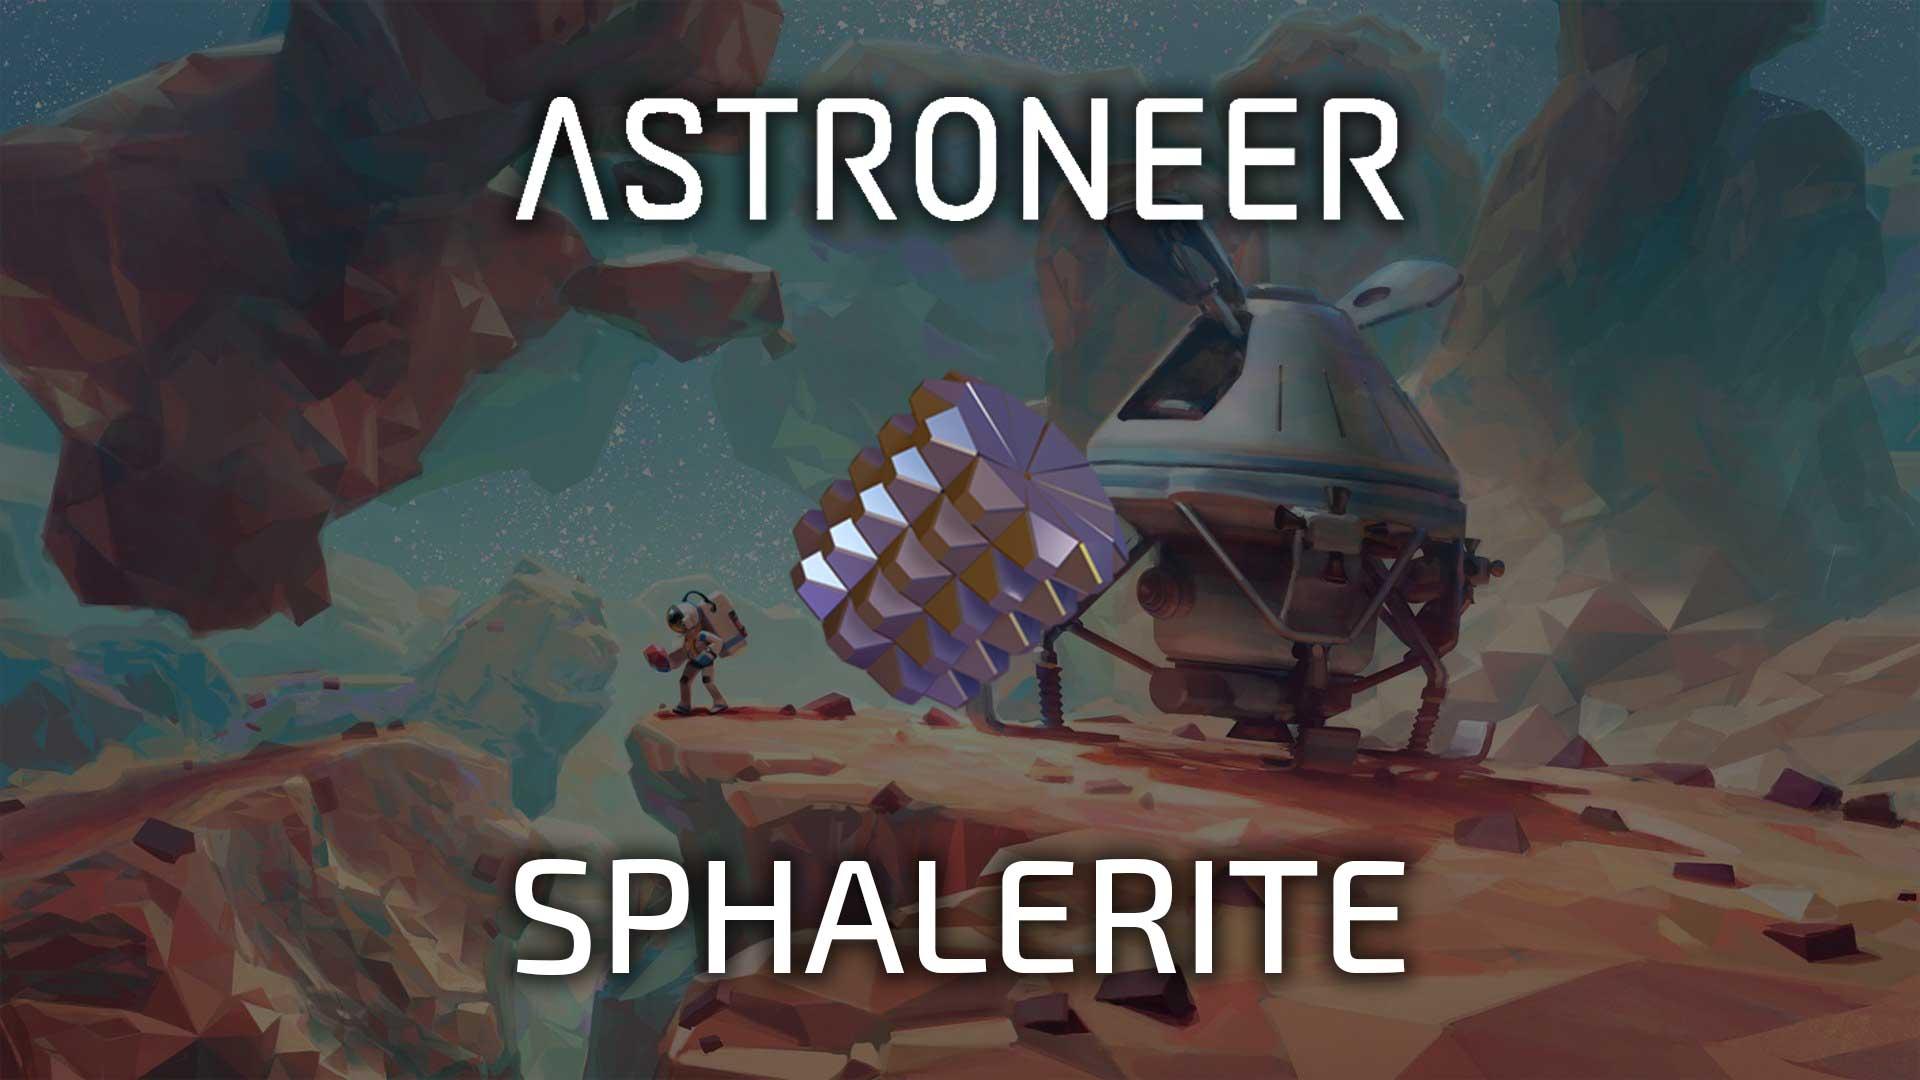 astroneer sphalerite